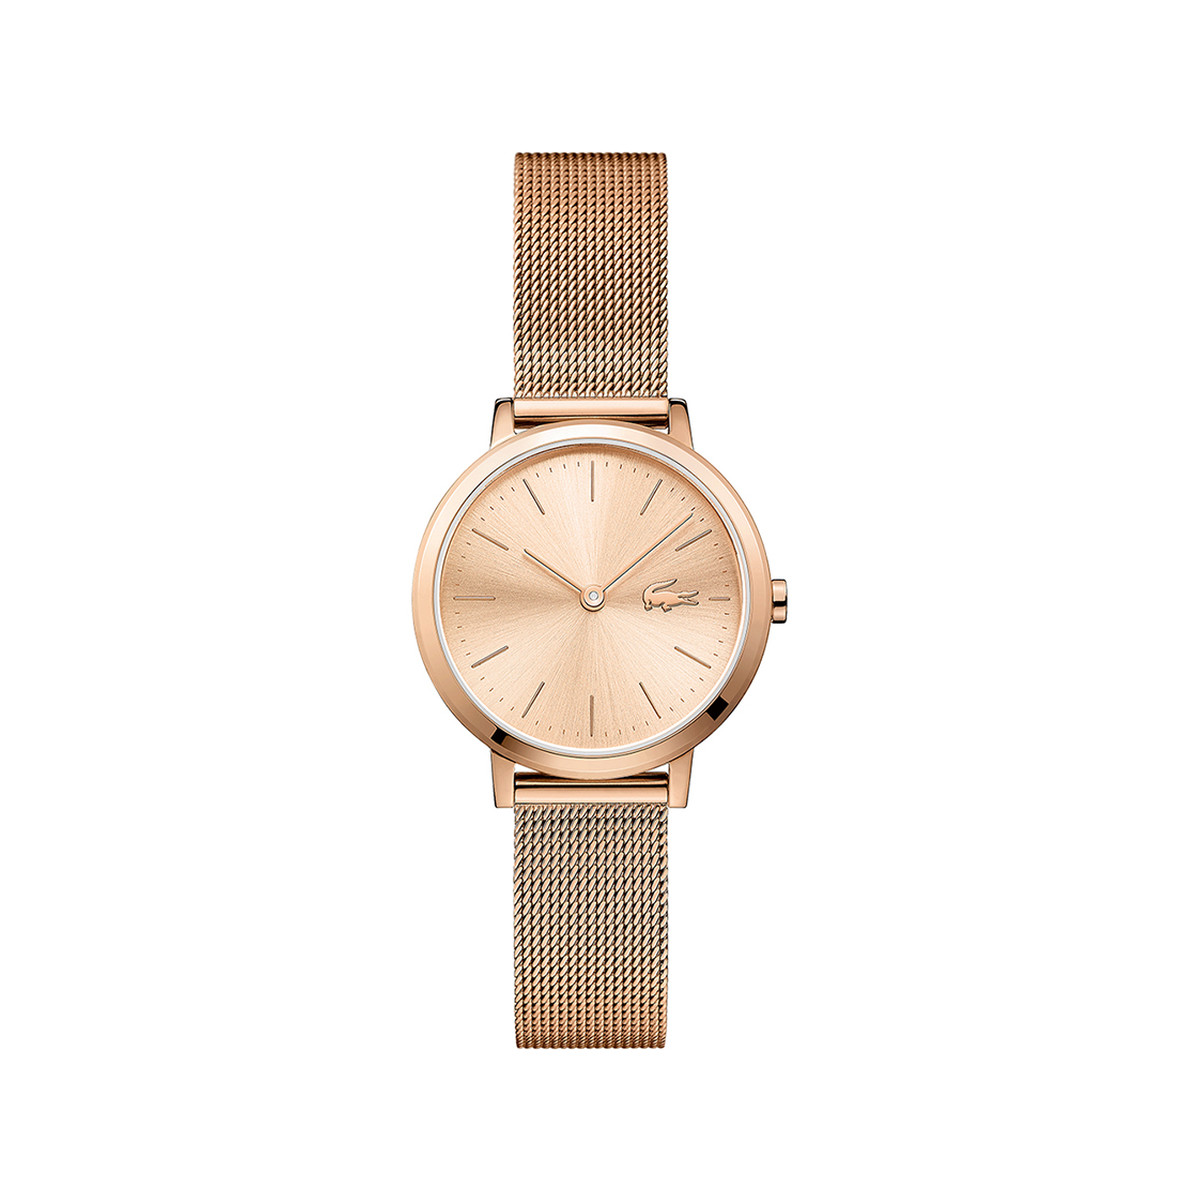 c4d9533675 Montre Lacoste femme acier doré rose milanais - Femme - modèle ...